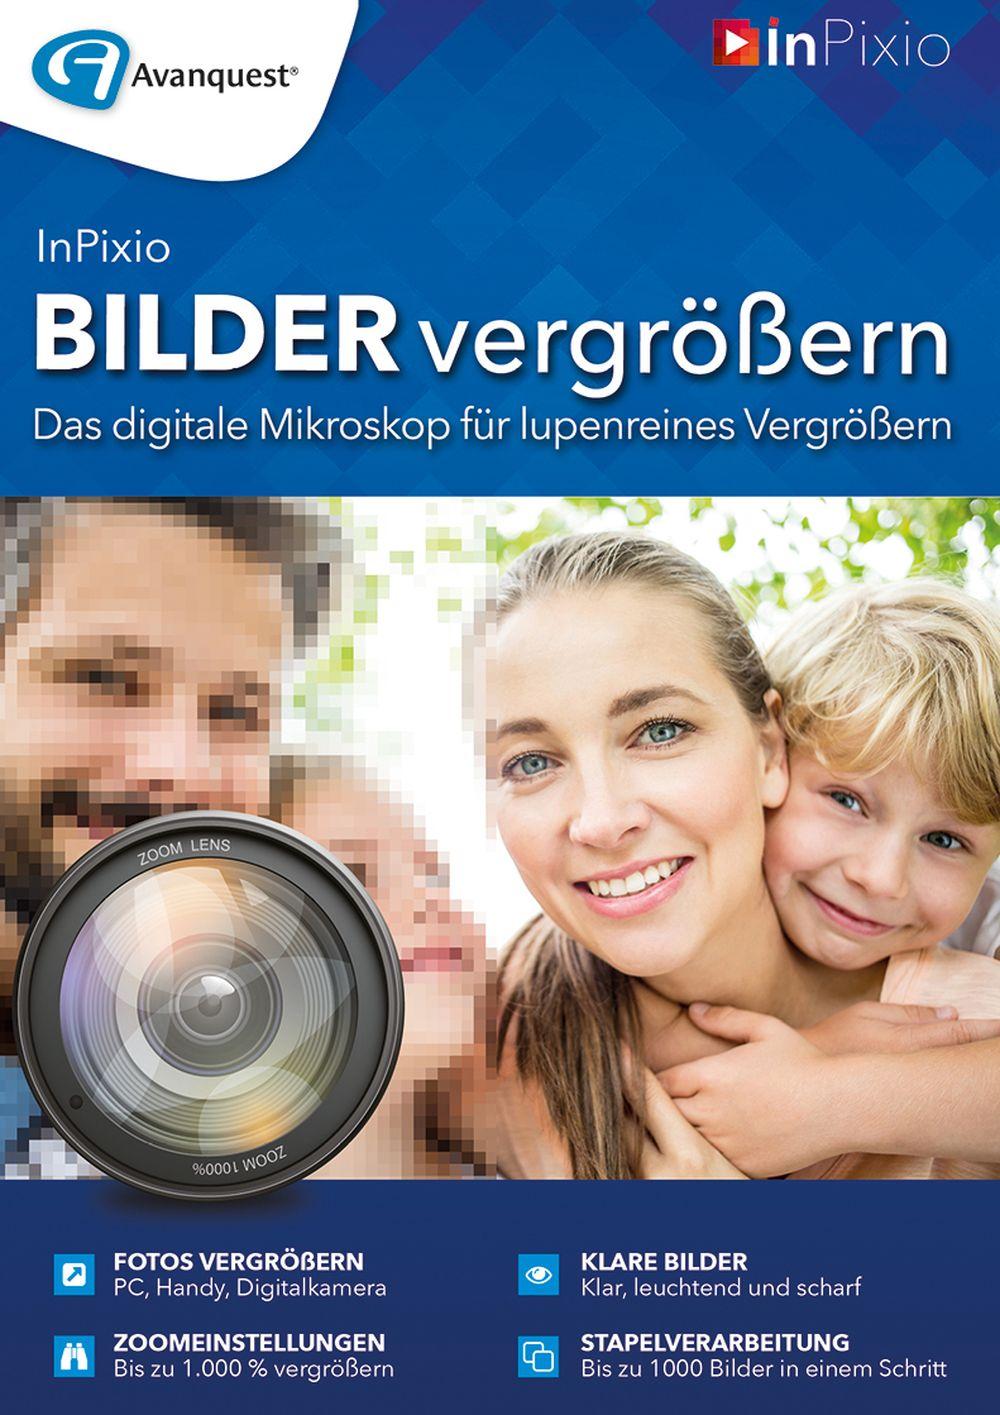 Bilder vergrößern - Das digitale Mikroskop für lupenreines Vergrößern! Windows 10|8|7|Vista [Online Code] (Bilder Software)